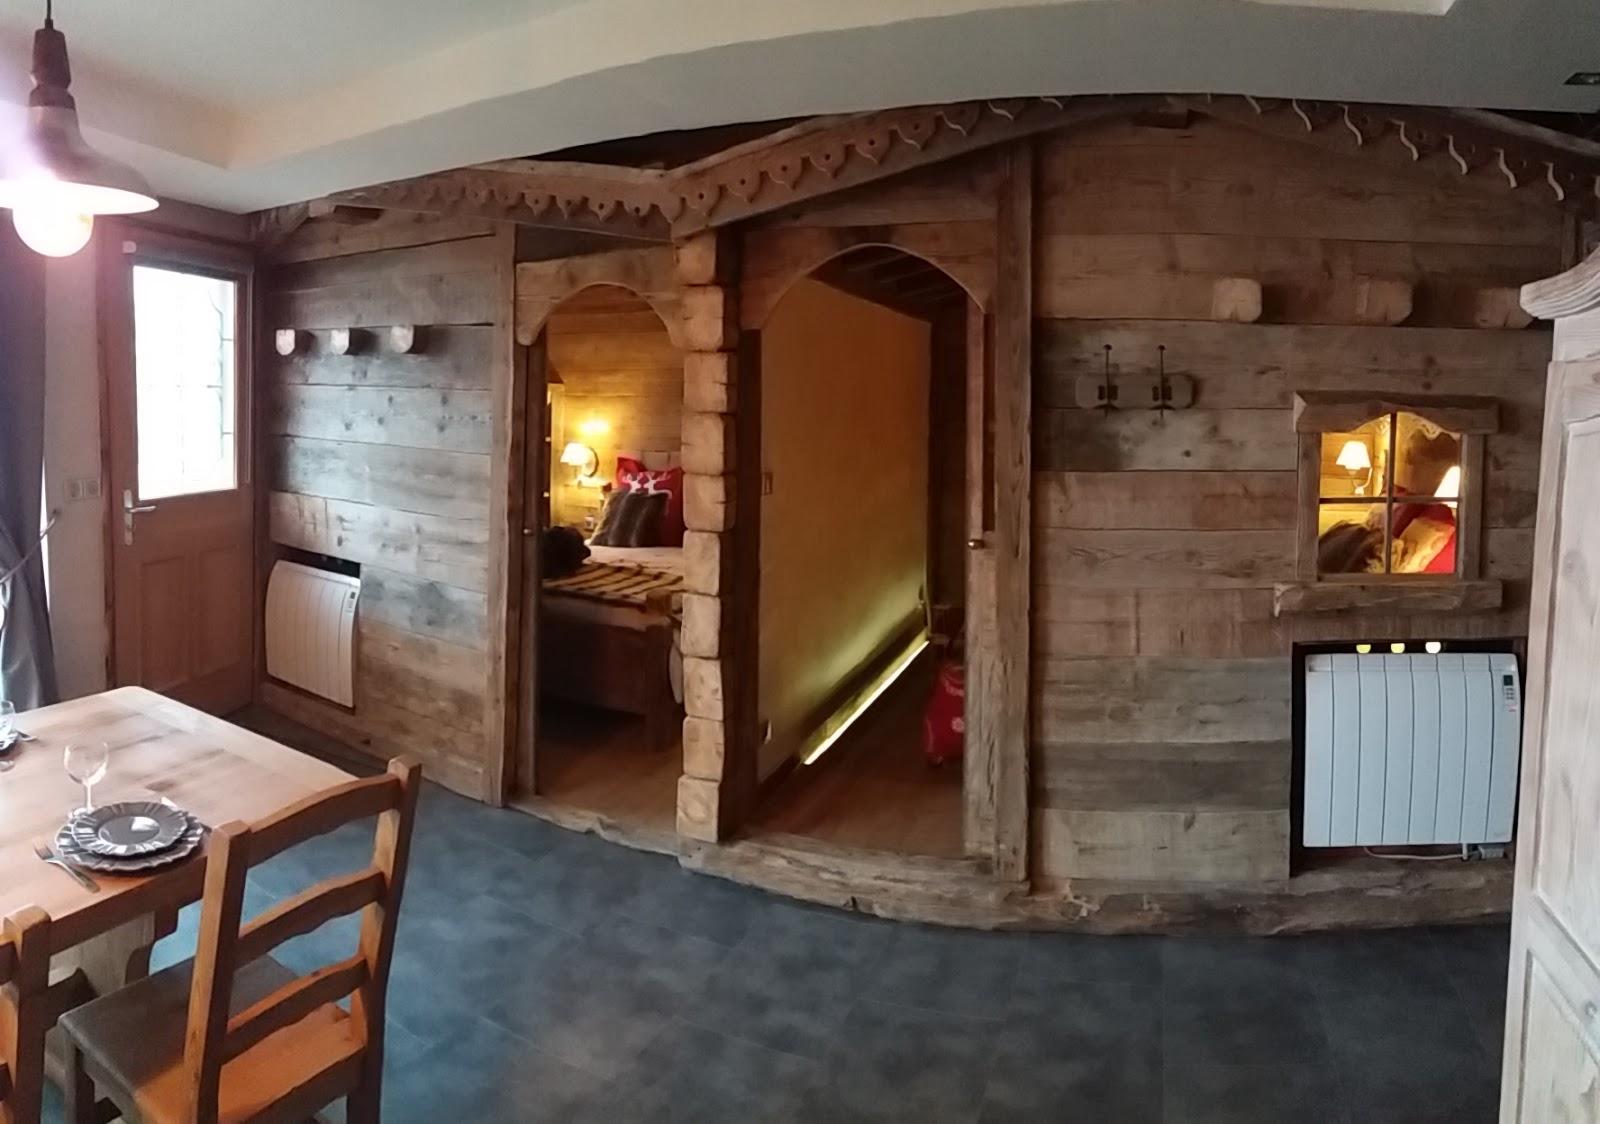 chambres d hôtes et gîte, les balcons de la cochette, lac d annecy